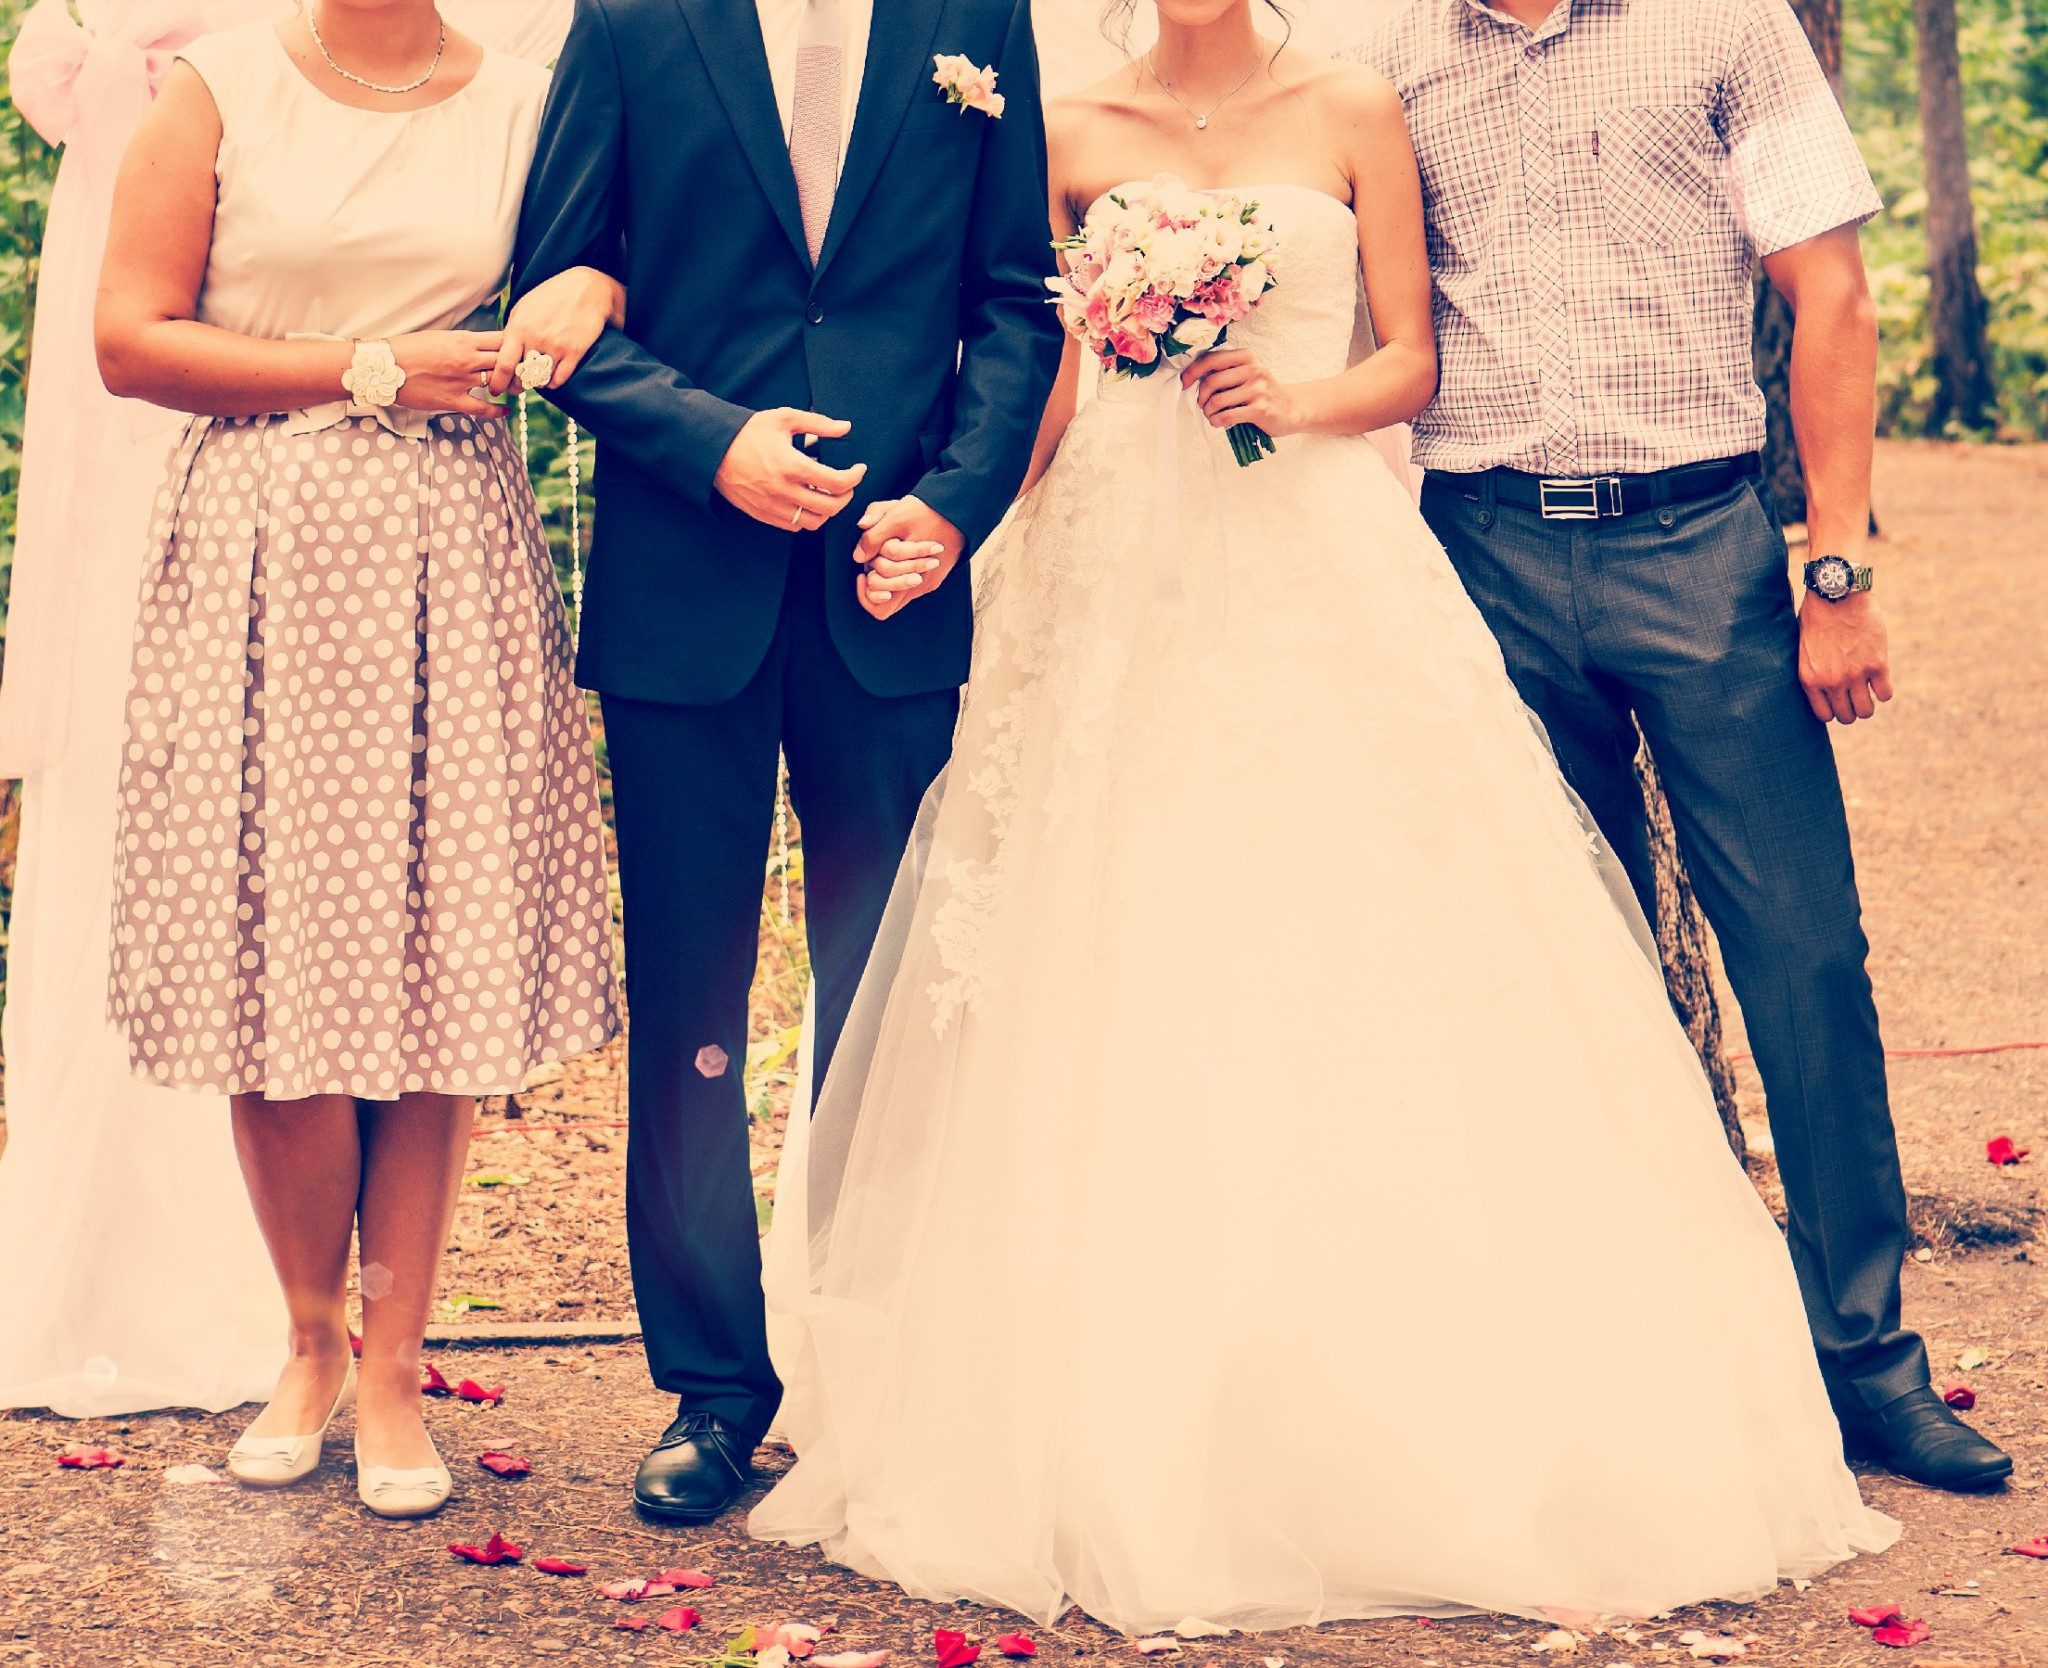 22446934f6823 「おもてなし」をするときに大切なポイントはズバリ「相手の立場に立って考える」ことです。結婚式準備や当日、色々と判断・対応に困る場面に直面することもあるかと  ...